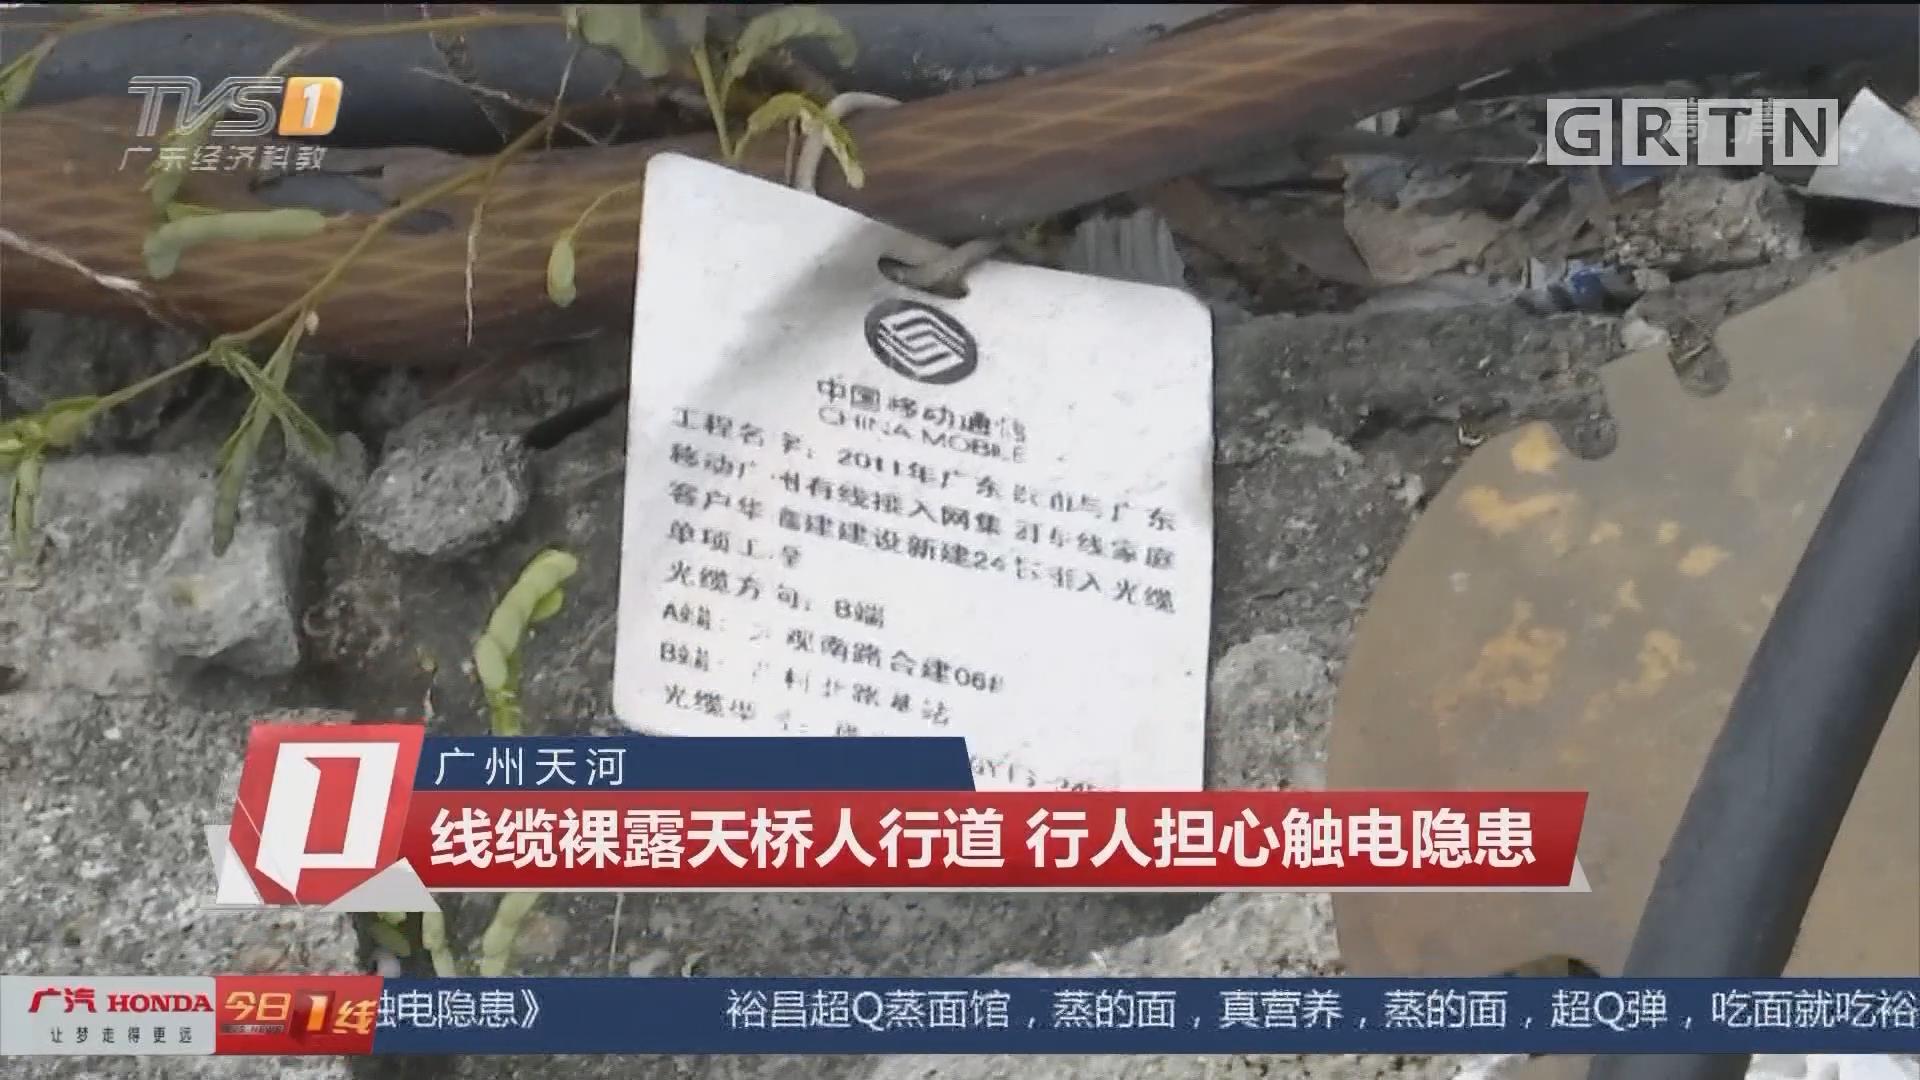 广州天河:线缆裸露天桥人行道 行人担心触电隐患